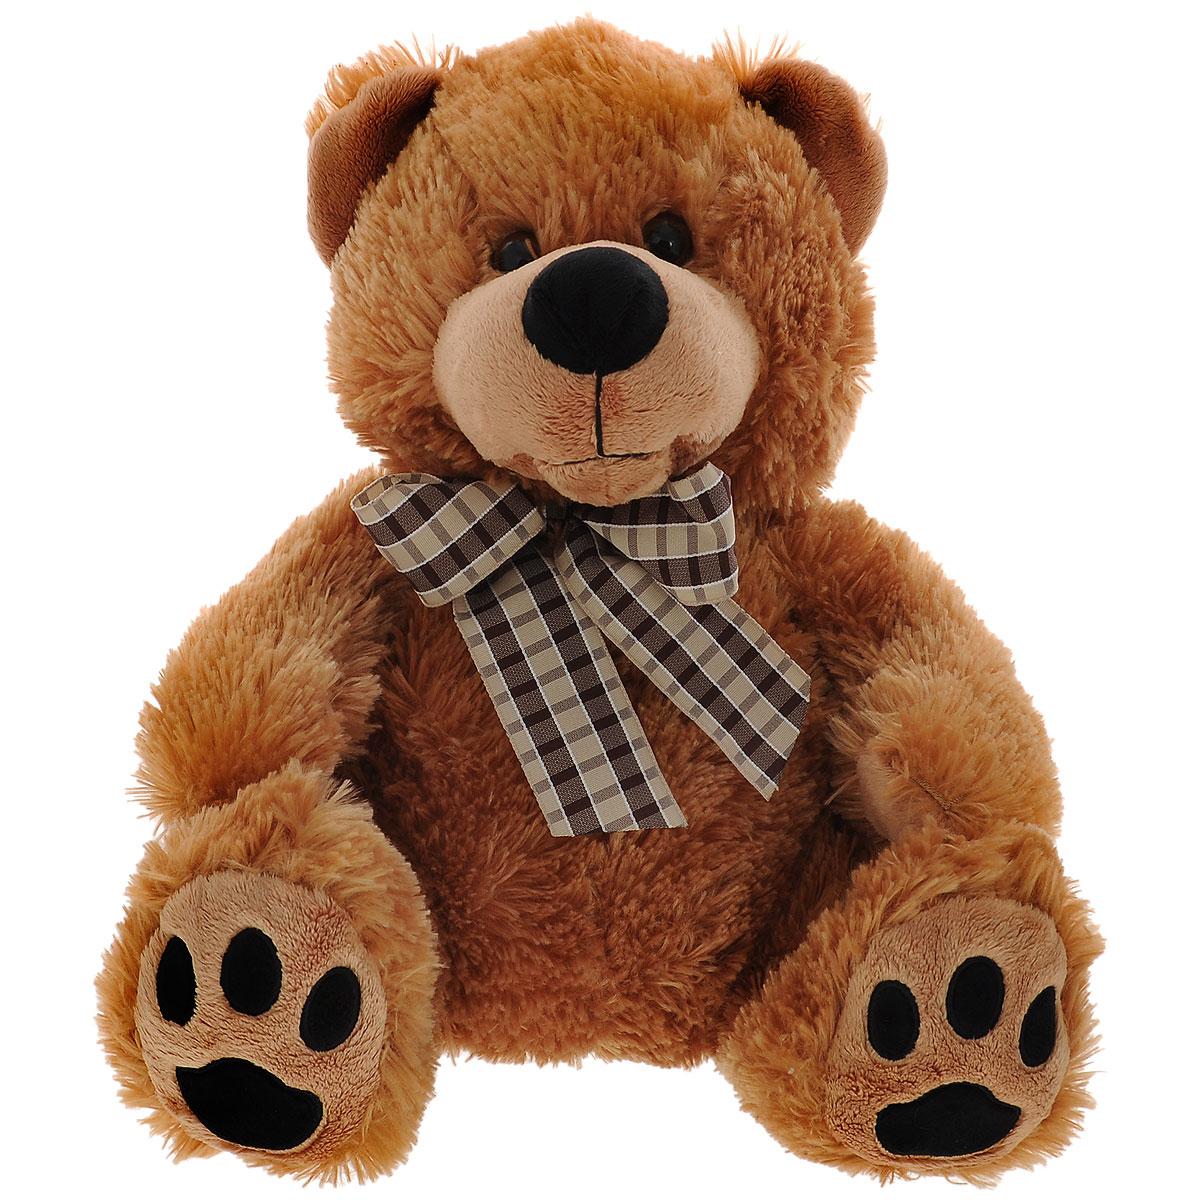 Мягкая игрушка Plush Apple Медведь с бантиком, 42 смK33180AМягкая игрушка Plush Apple Медведь с бантиком станет лучшим другом для любого ребенка. Изготовлена из высококачественных текстильных материалов. Игрушка выполнена в виде милого и очаровательного медвежонка с бантиком на шее. Глазки изготовлены из пластика. Игрушка невероятно мягкая и приятная на ощупь, вам не захочется выпускать ее из рук. Небольшие размеры позволят малышу всюду брать ее с собой - на прогулку, в детский сад или в поездку.